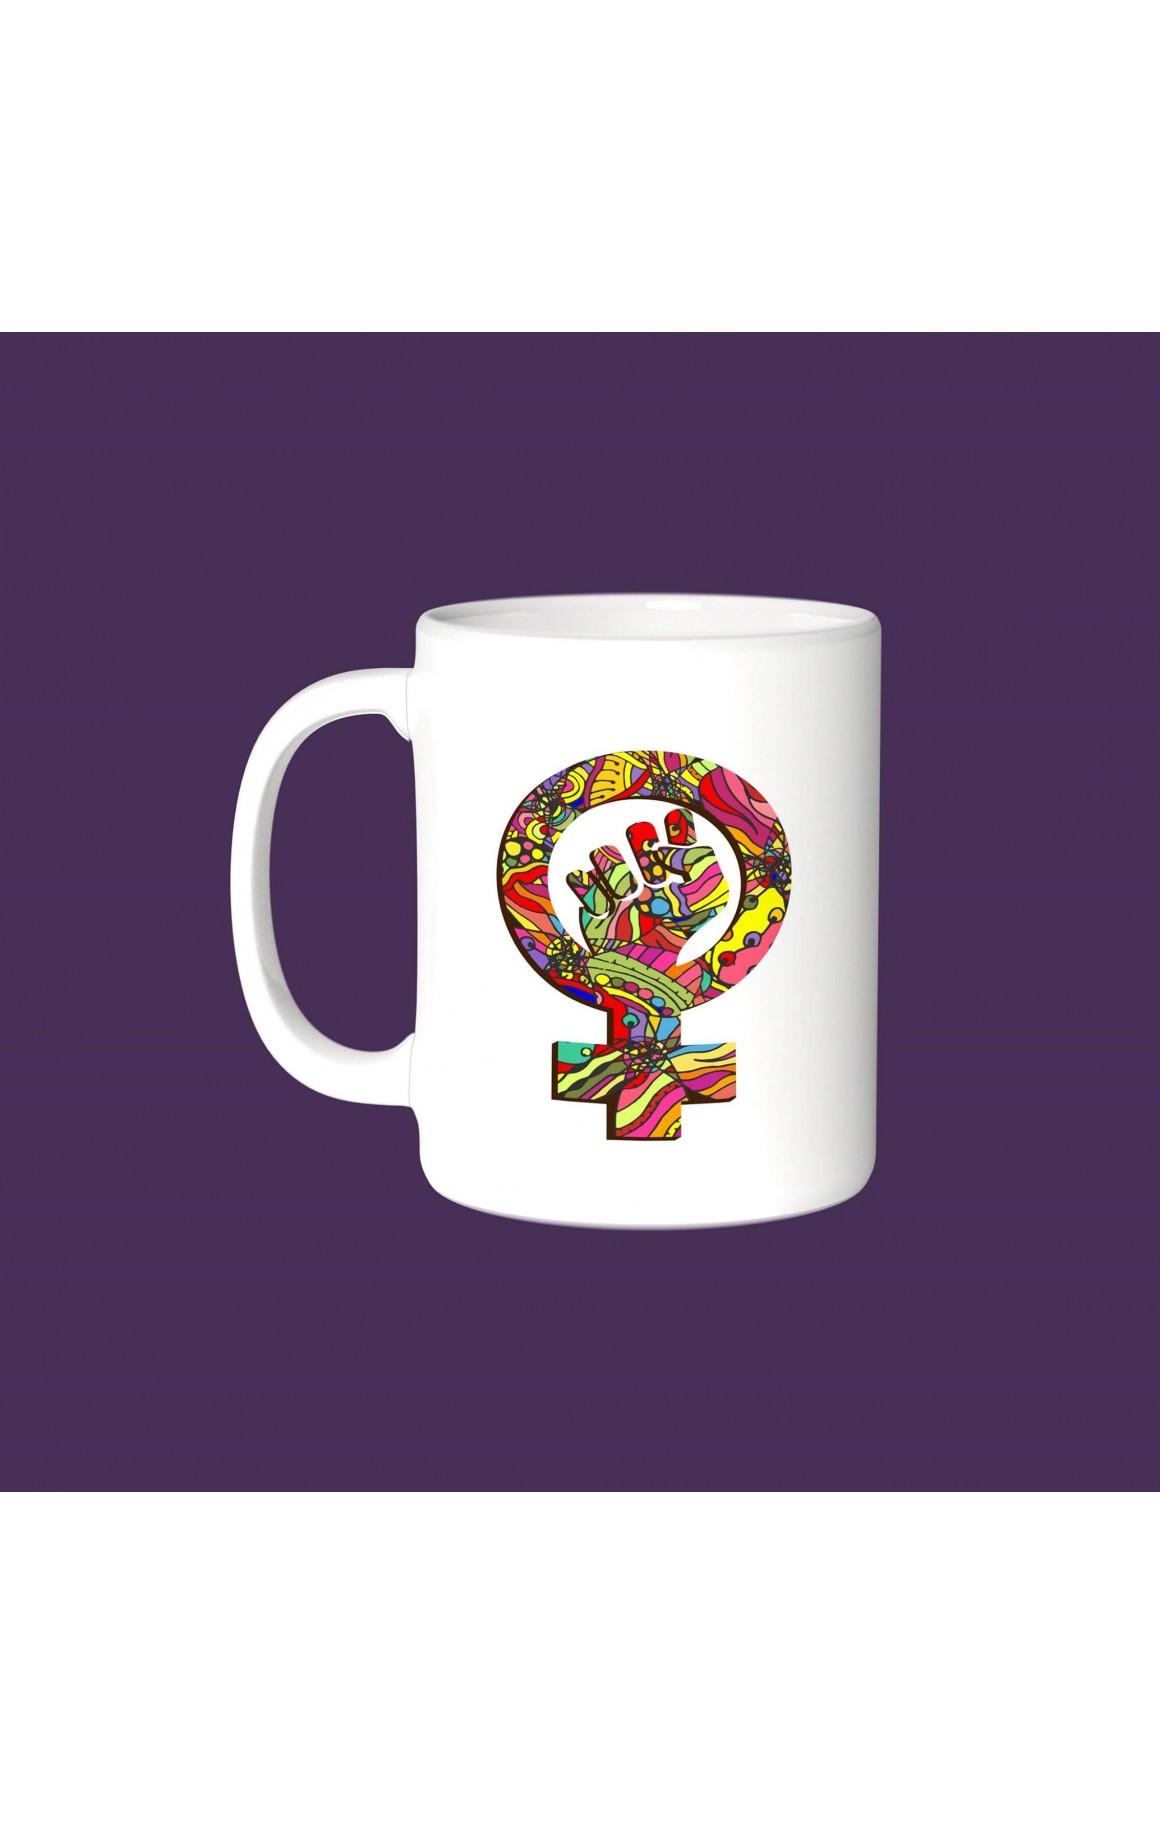 Porselen Kupa - Sembola jinan